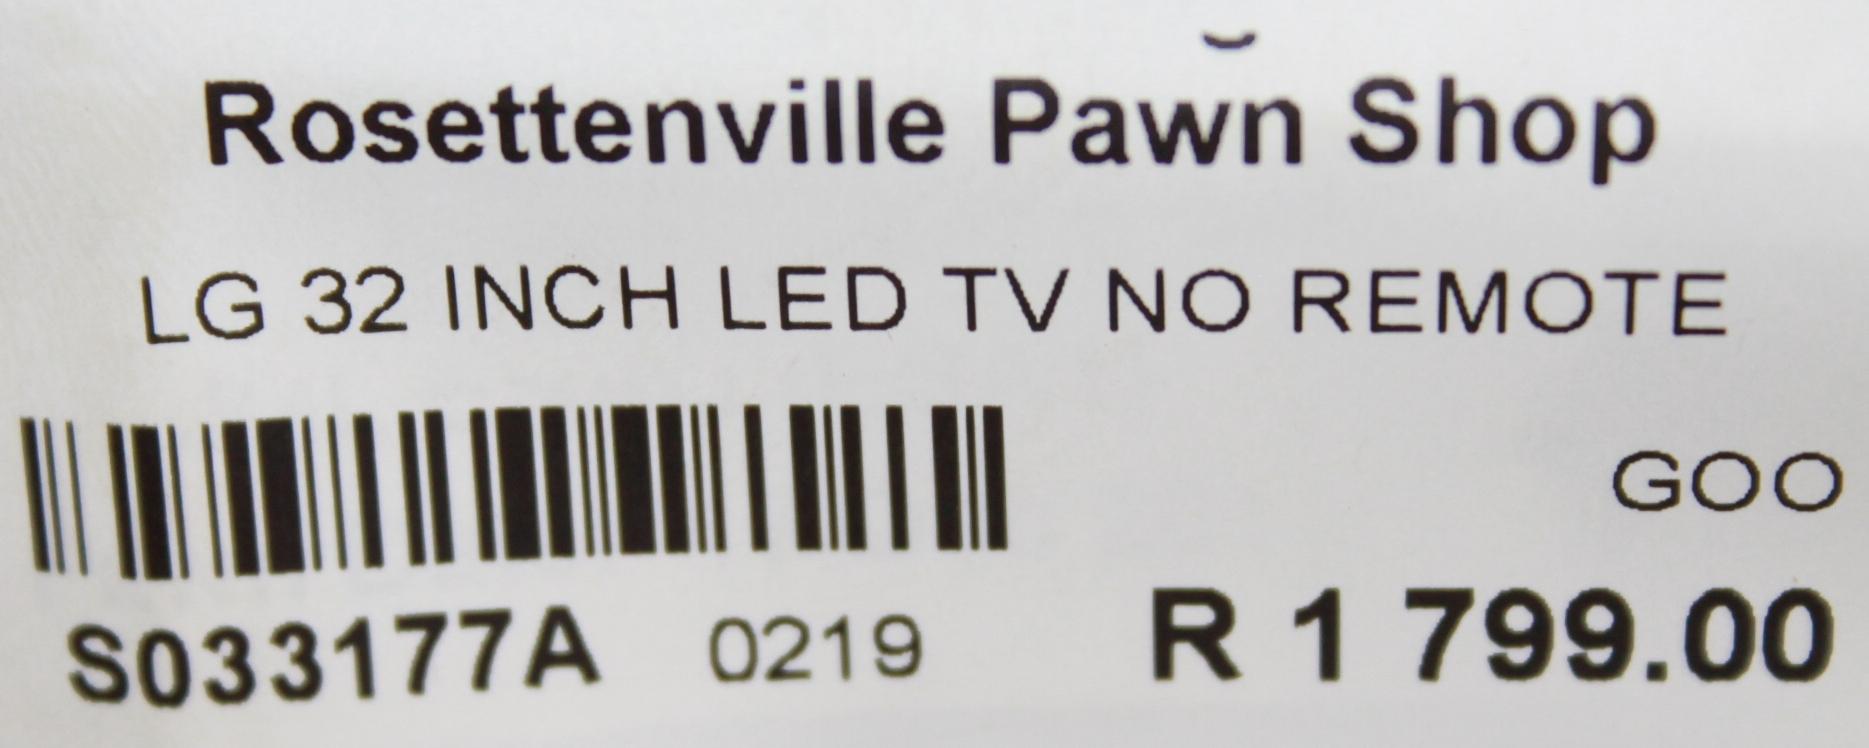 LG tv S033177a #Rosettenvillepawnshop